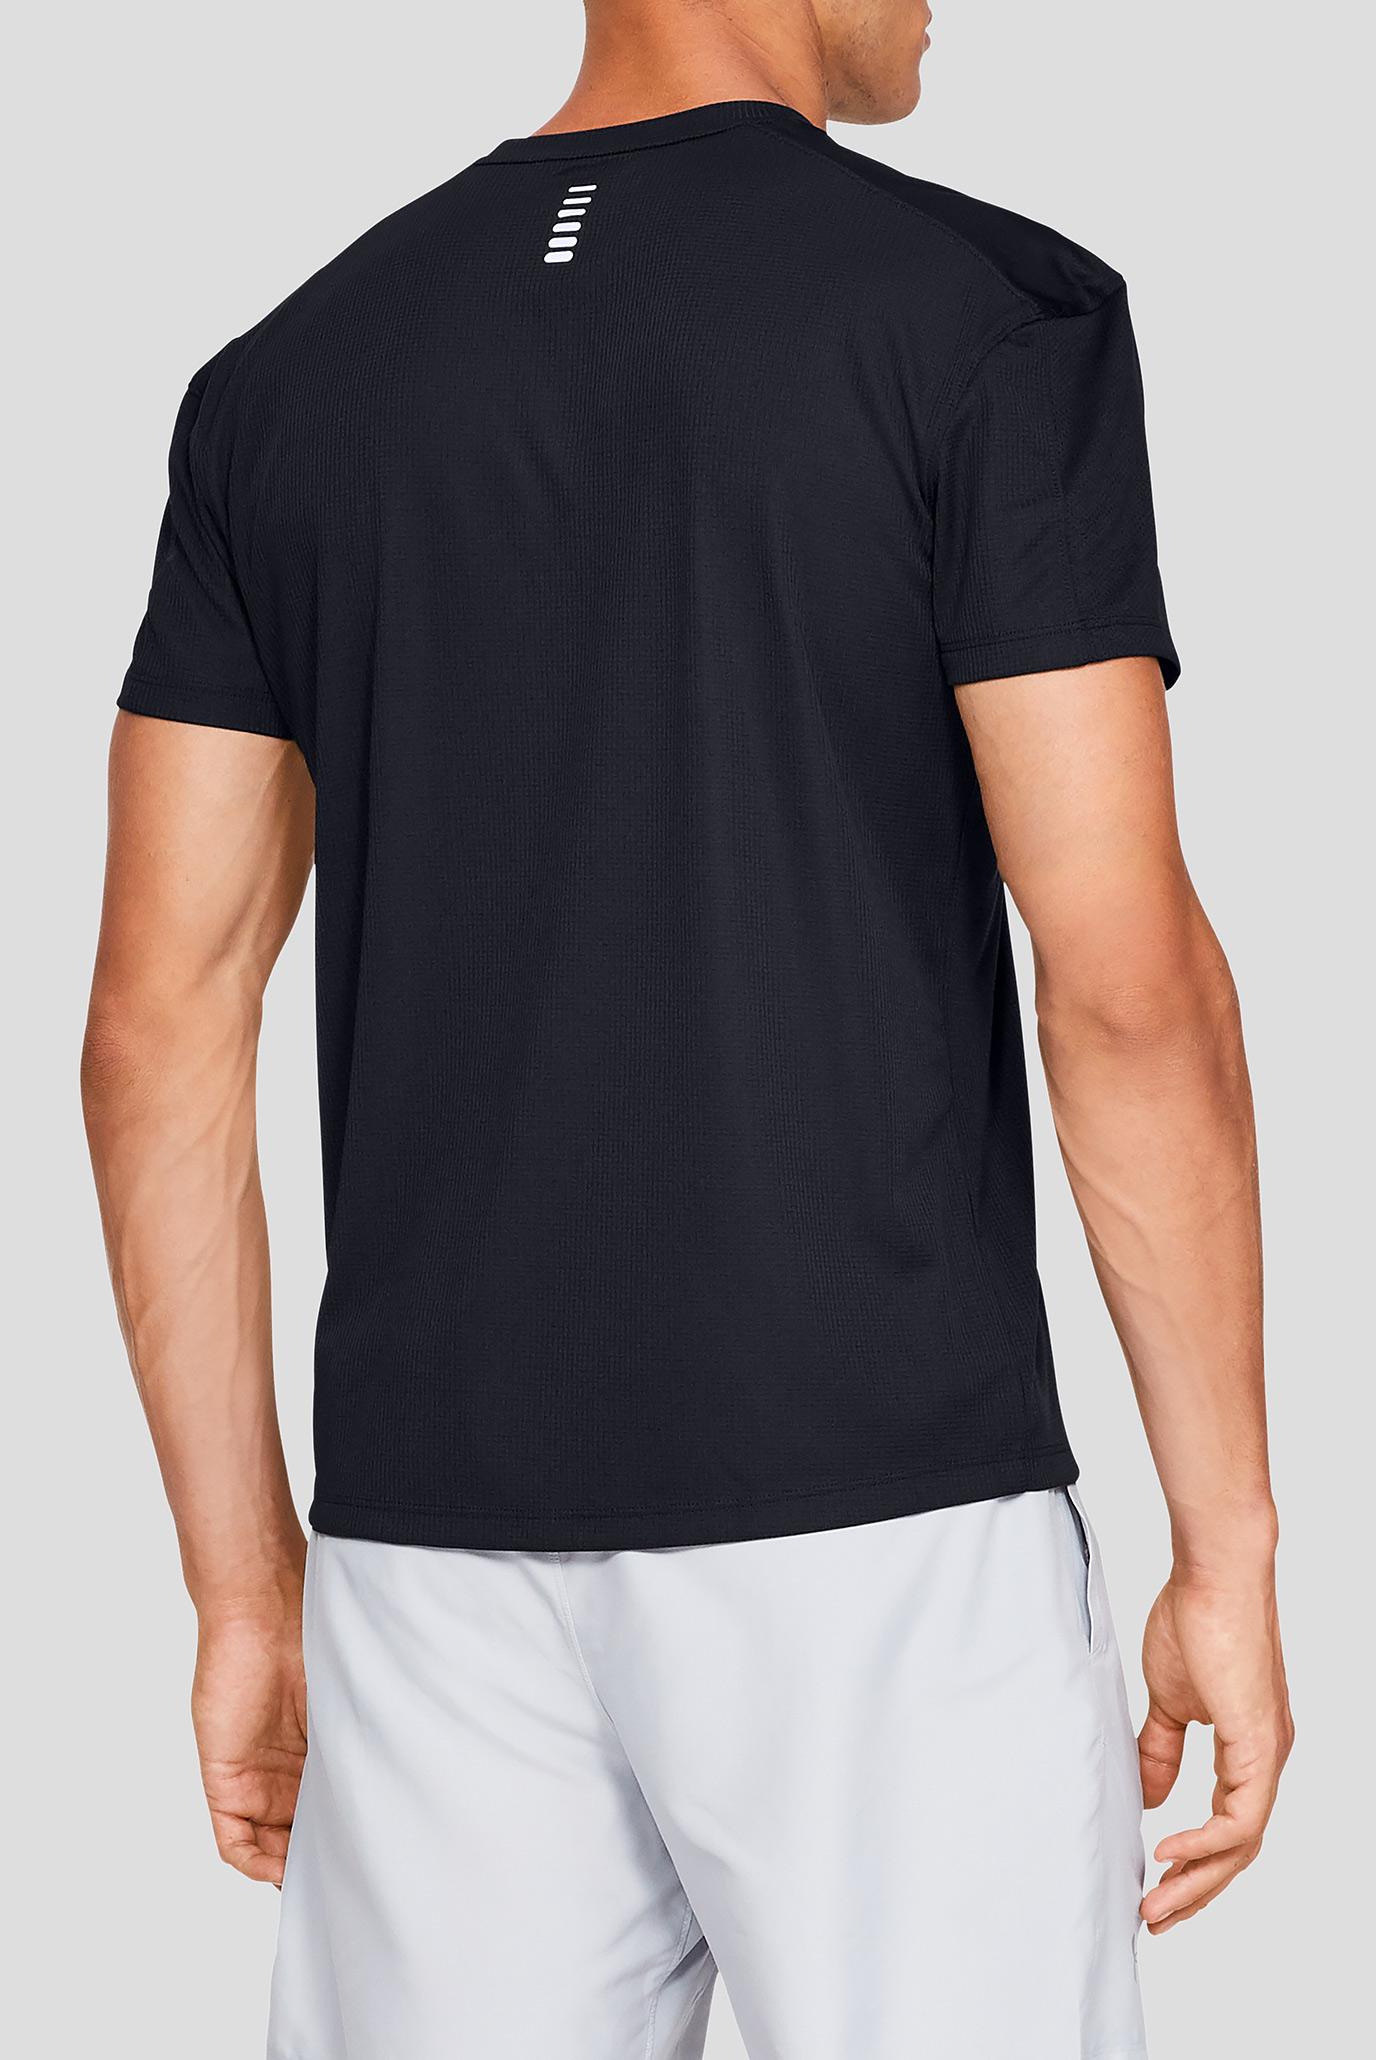 Купить Мужская черная футболка UA SPEED STRIDE SHORTSLEEVE Under Armour Under Armour 1326565-001 – Киев, Украина. Цены в интернет магазине MD Fashion